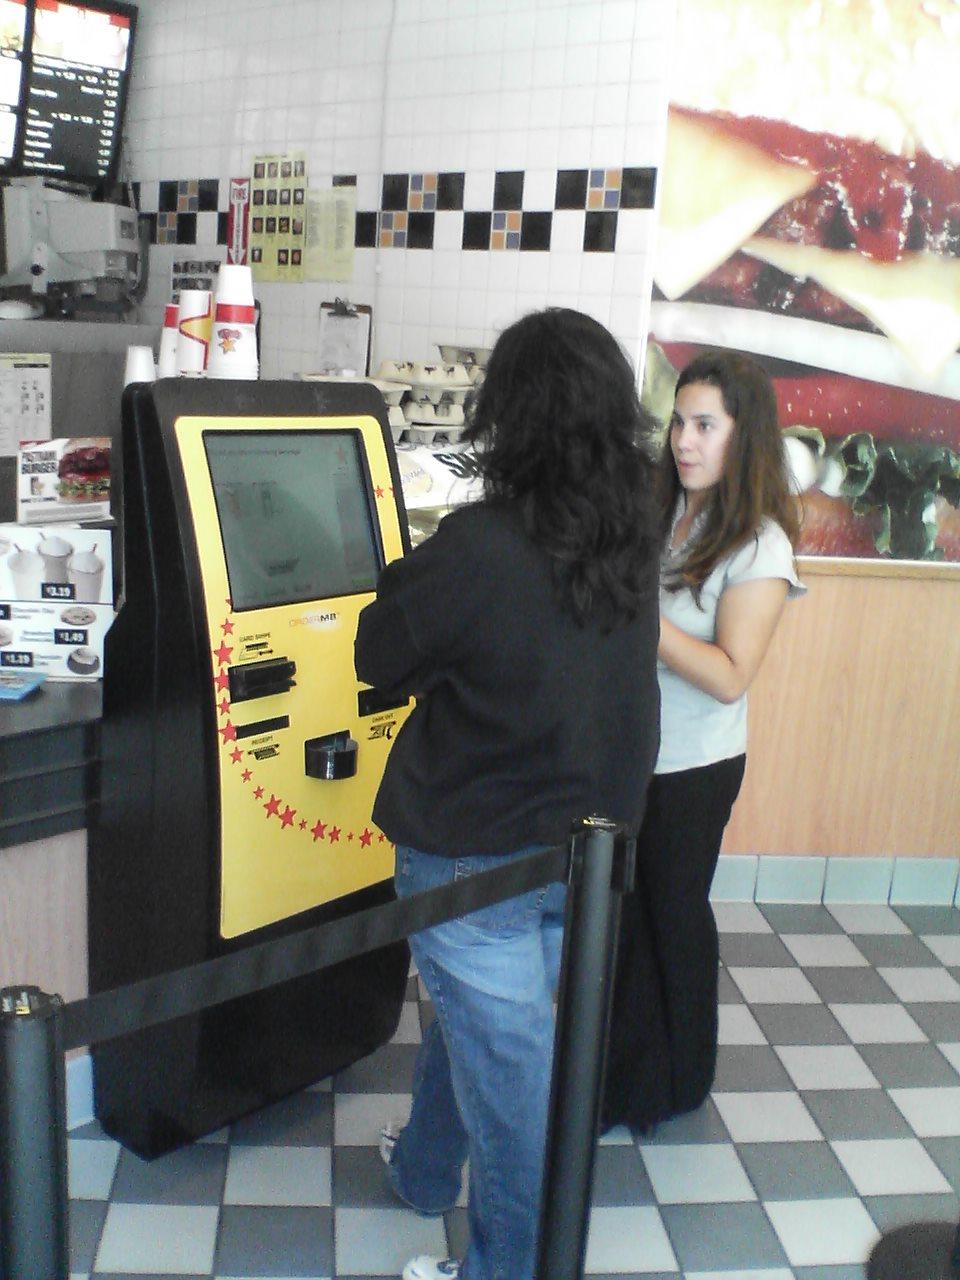 Kiosk at Carl's Jr.